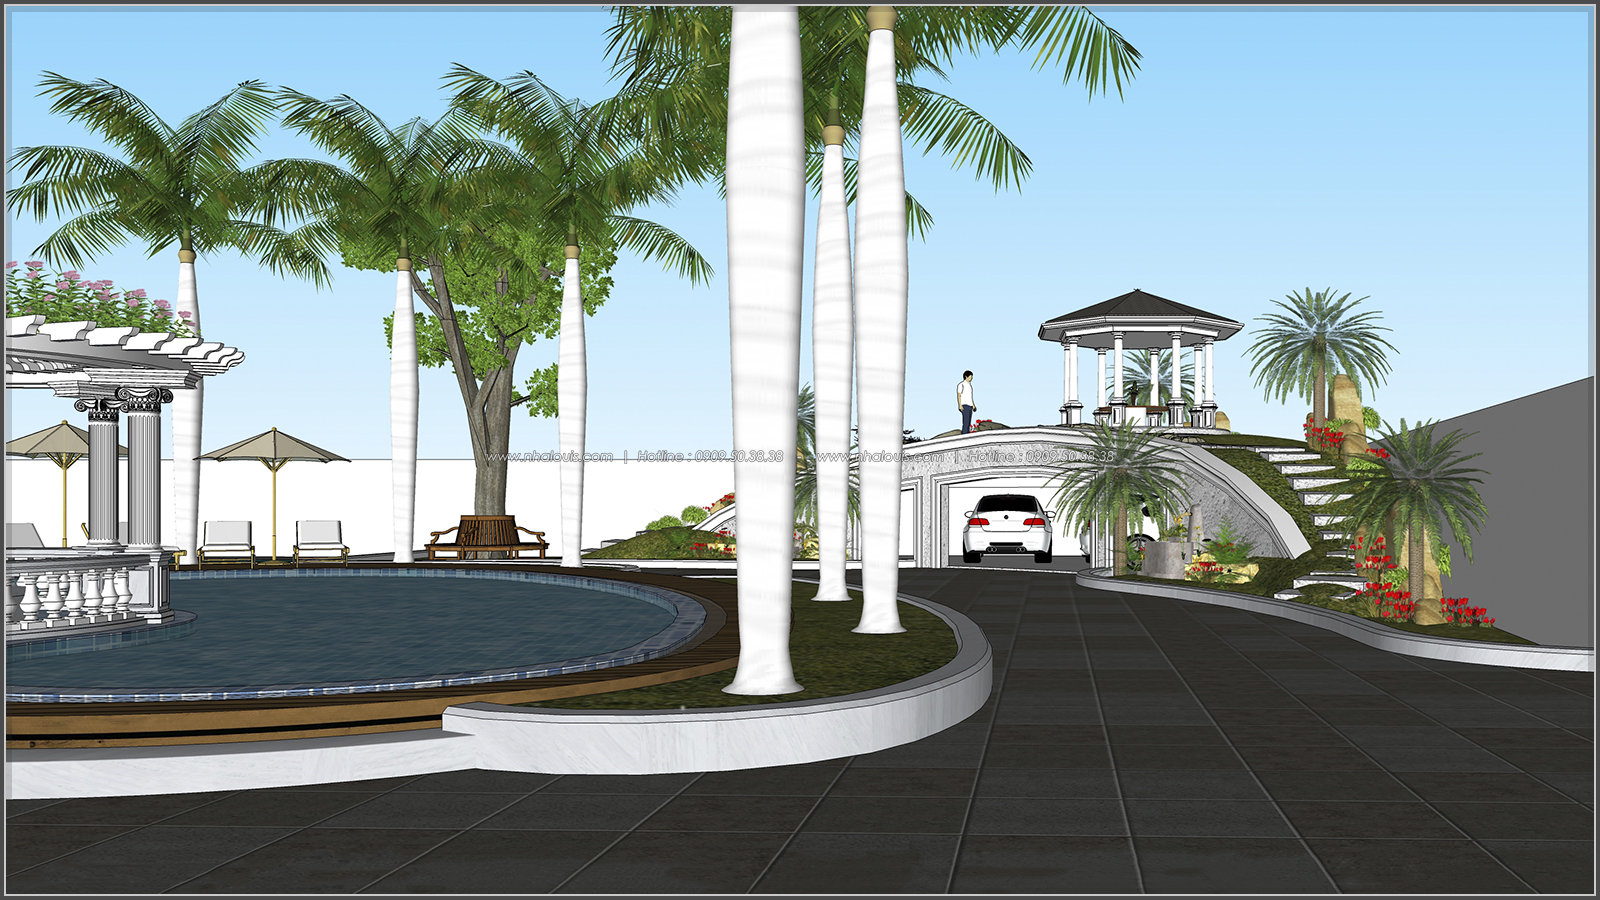 Biệt thự 3 tầng 2 mặt tiền có hồ bơi đẳng cấp tại Củ Chi - 9